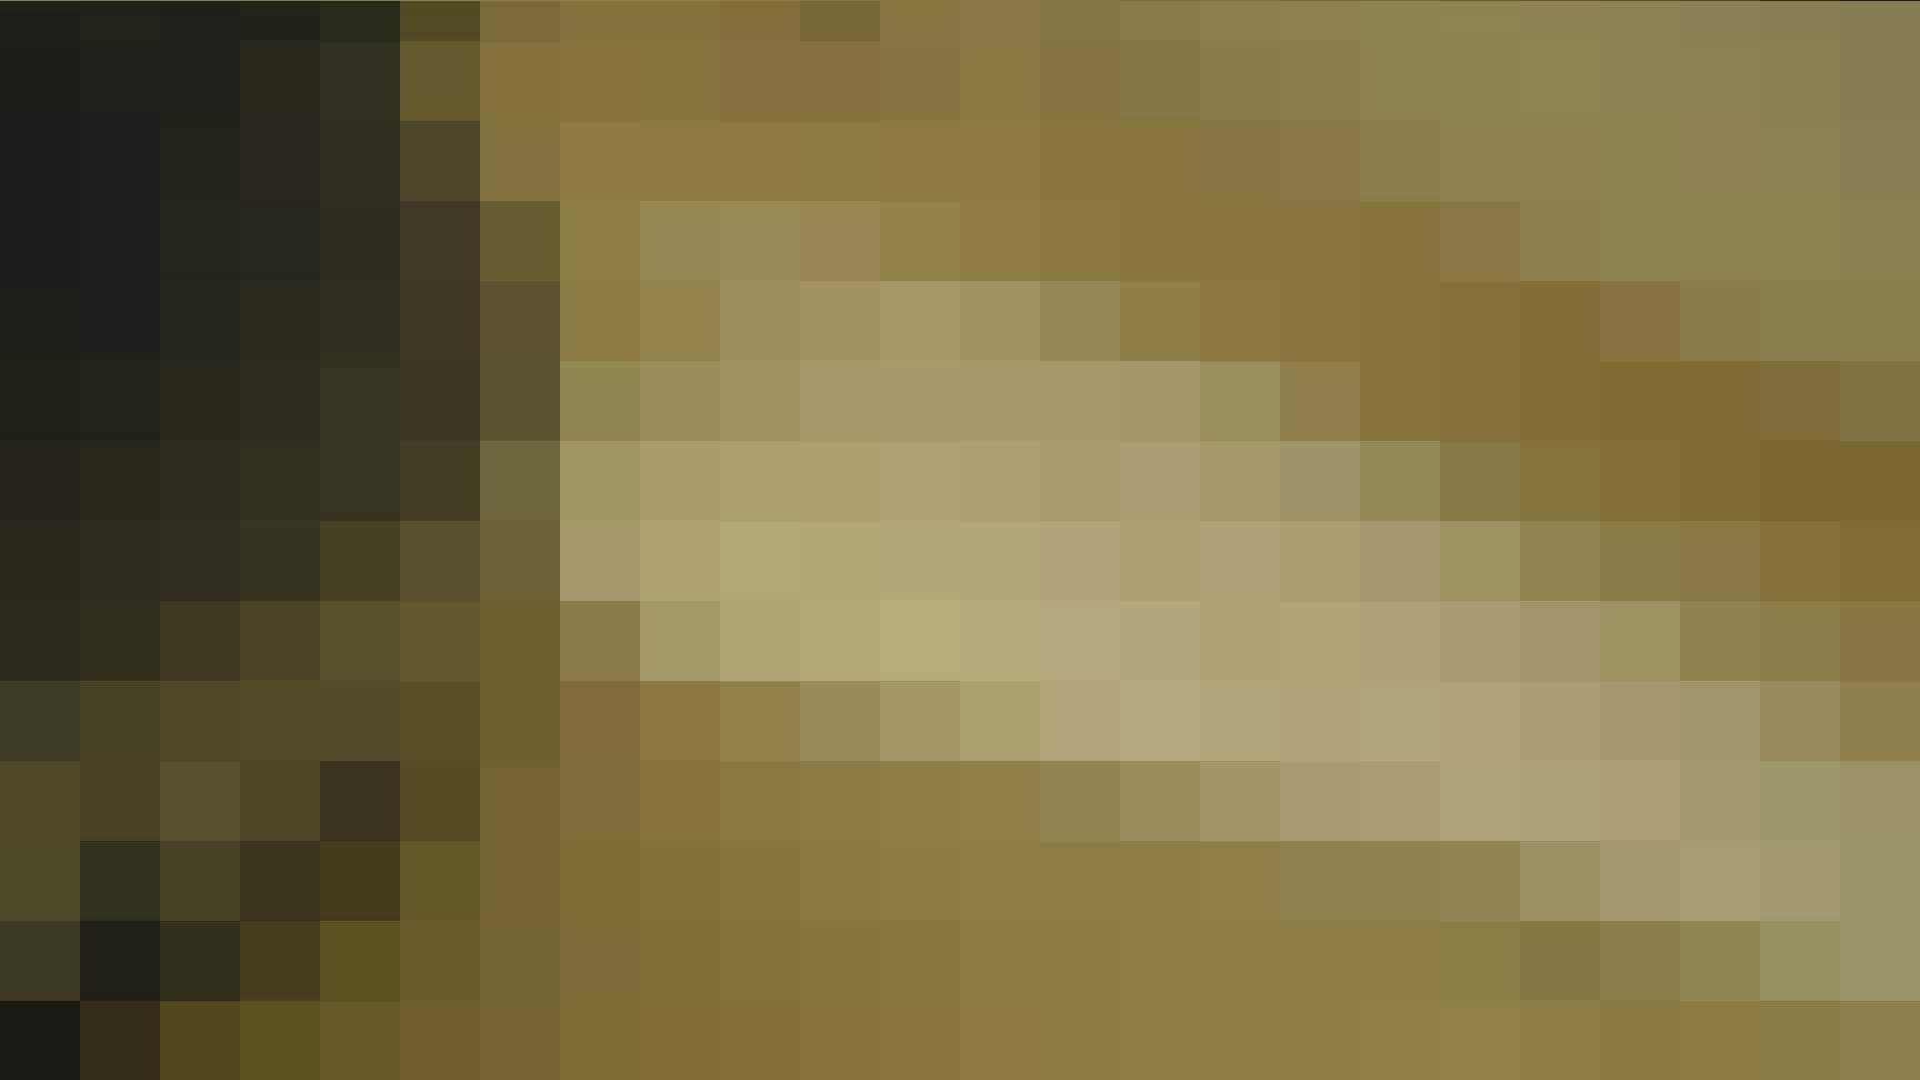 世界の射窓から vol.42 可愛い顔して実は惨事な件 洗面所 | 盛合せ  107画像 56